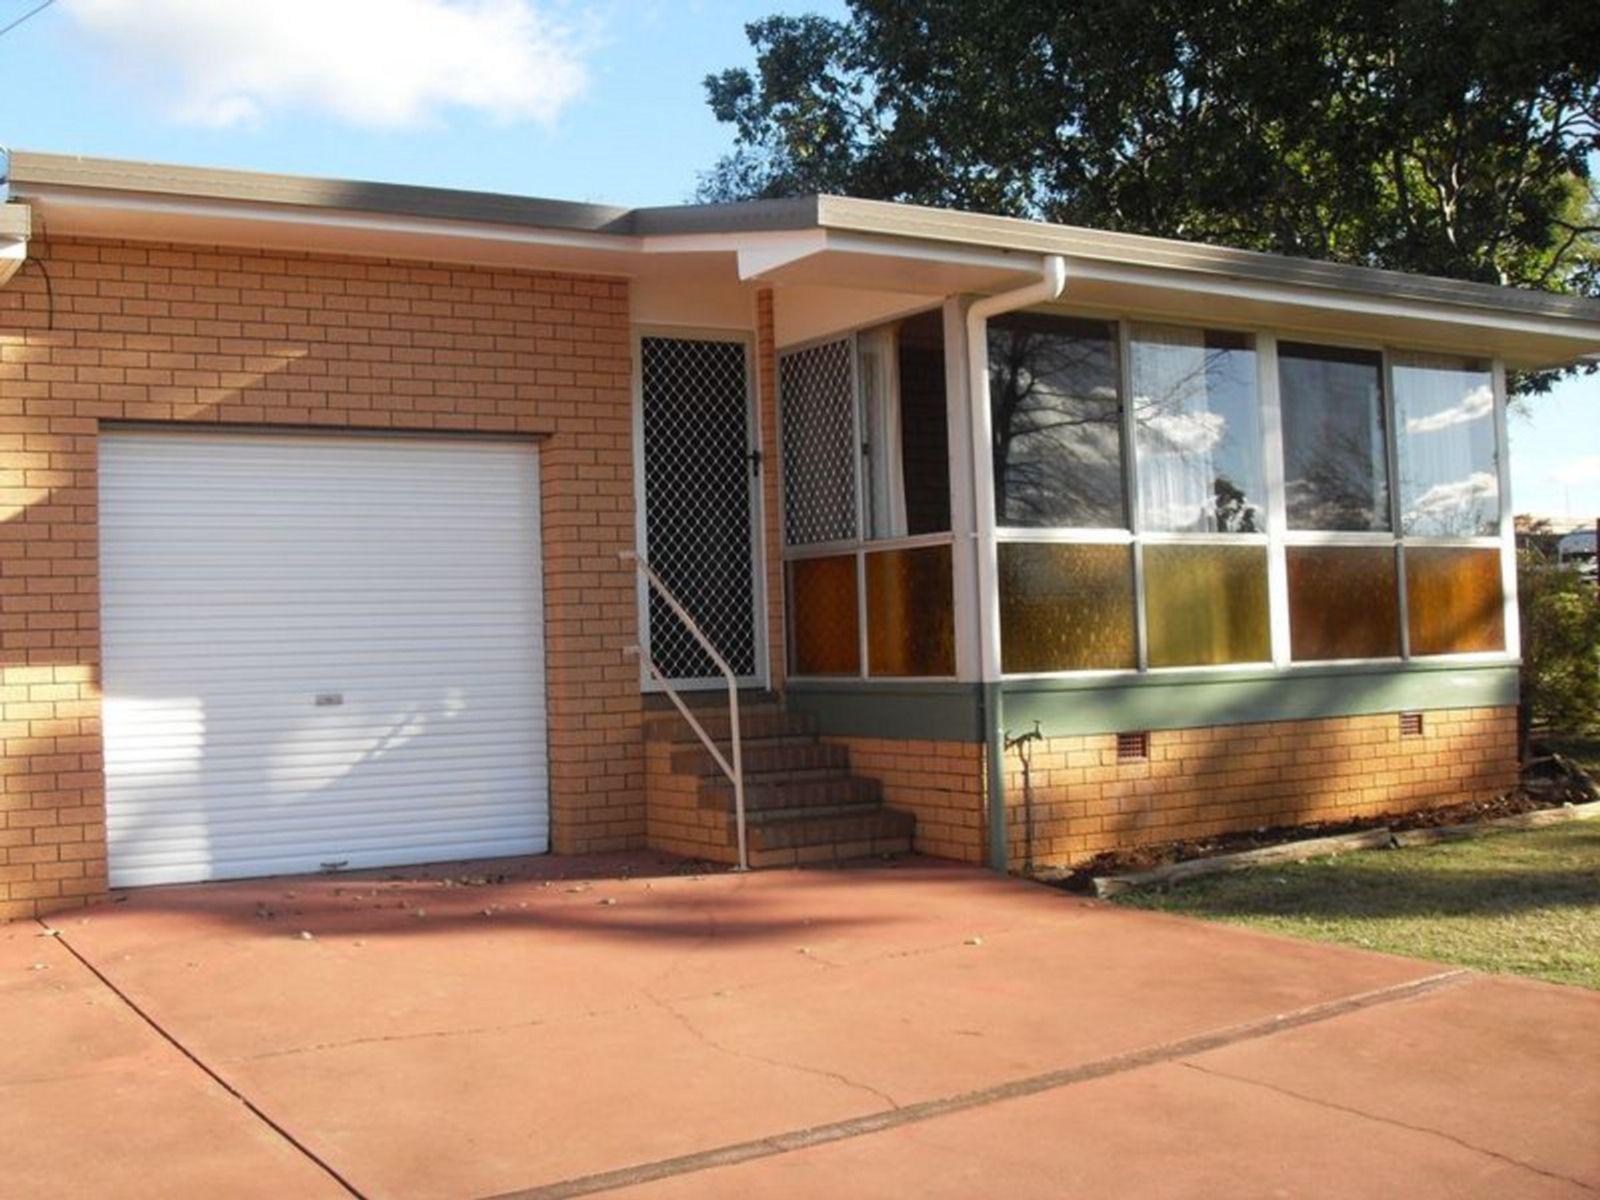 4/21 McGregor Street, Wilsonton, QLD 4350